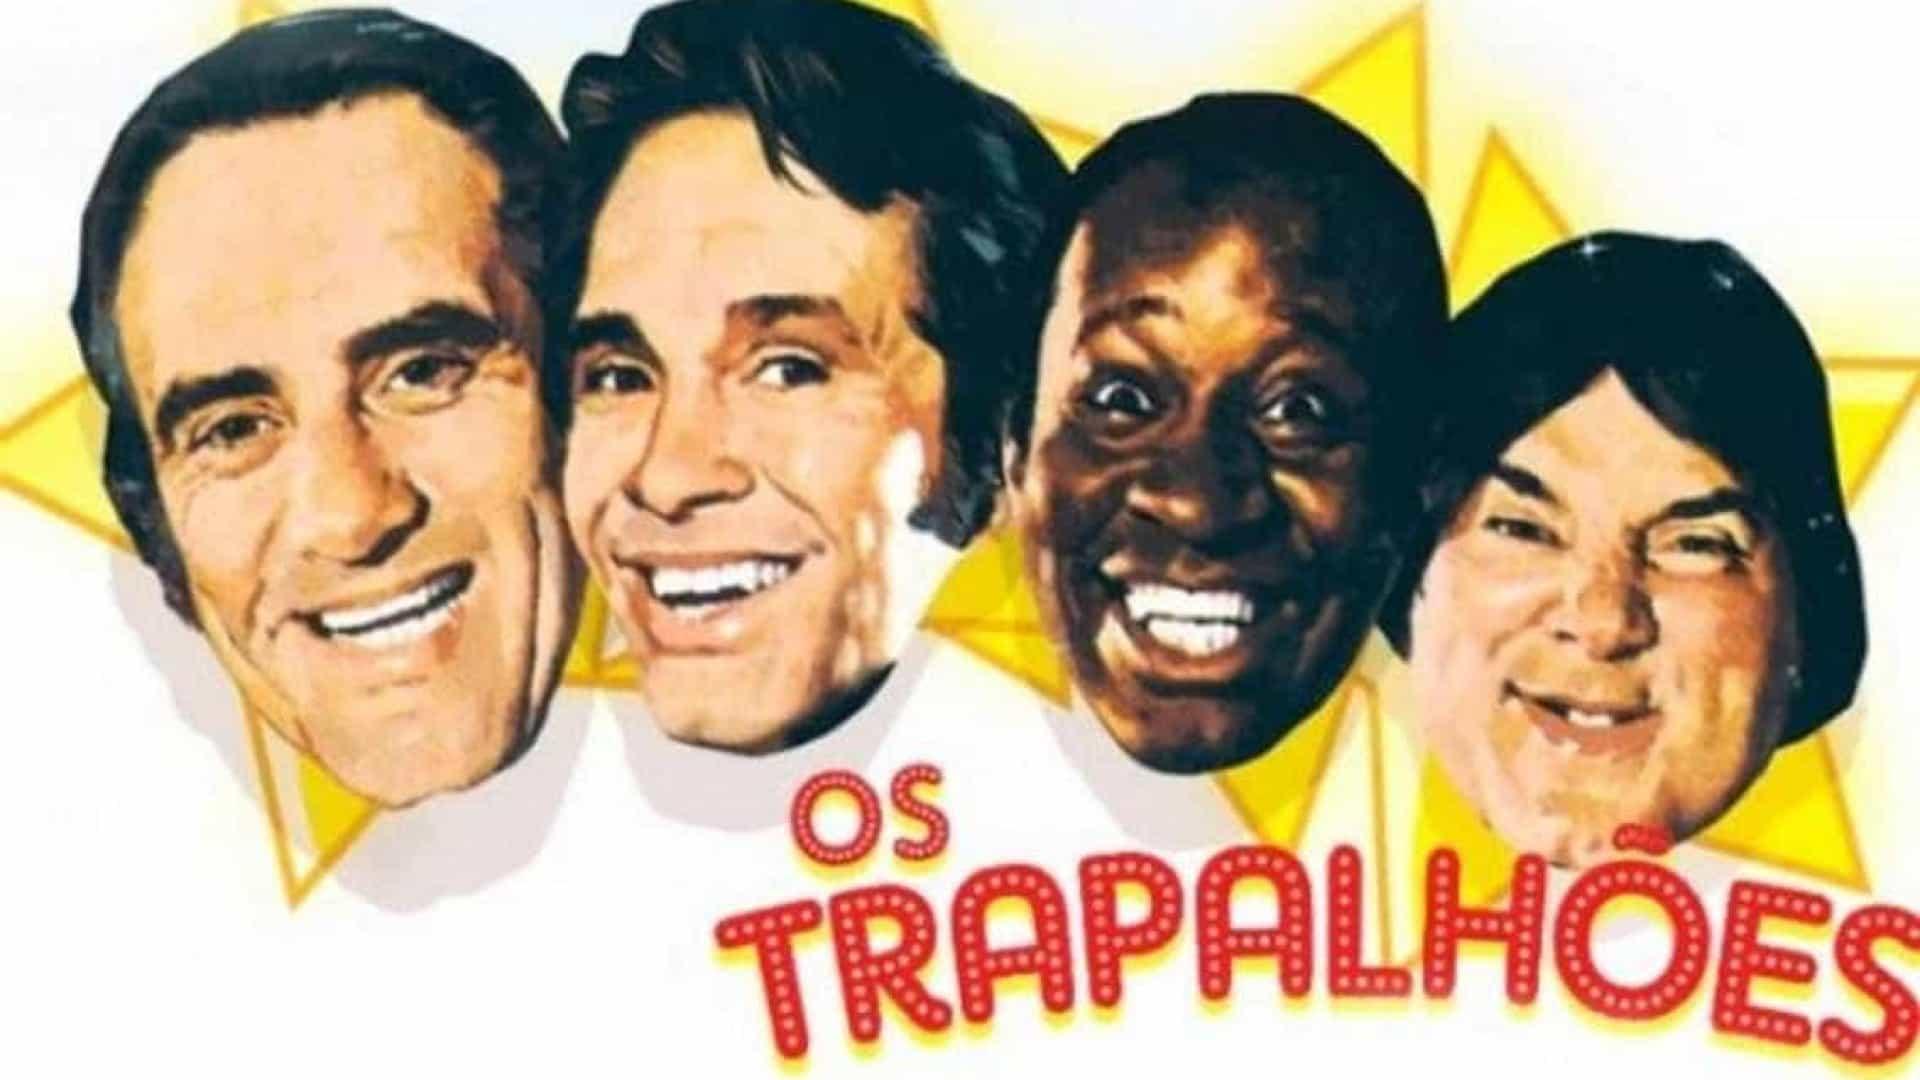 naom 57d68e9aaf000 - Coletânea de 'Os Trapalhões' é disponibilizada em plataforma de streaming gratuita